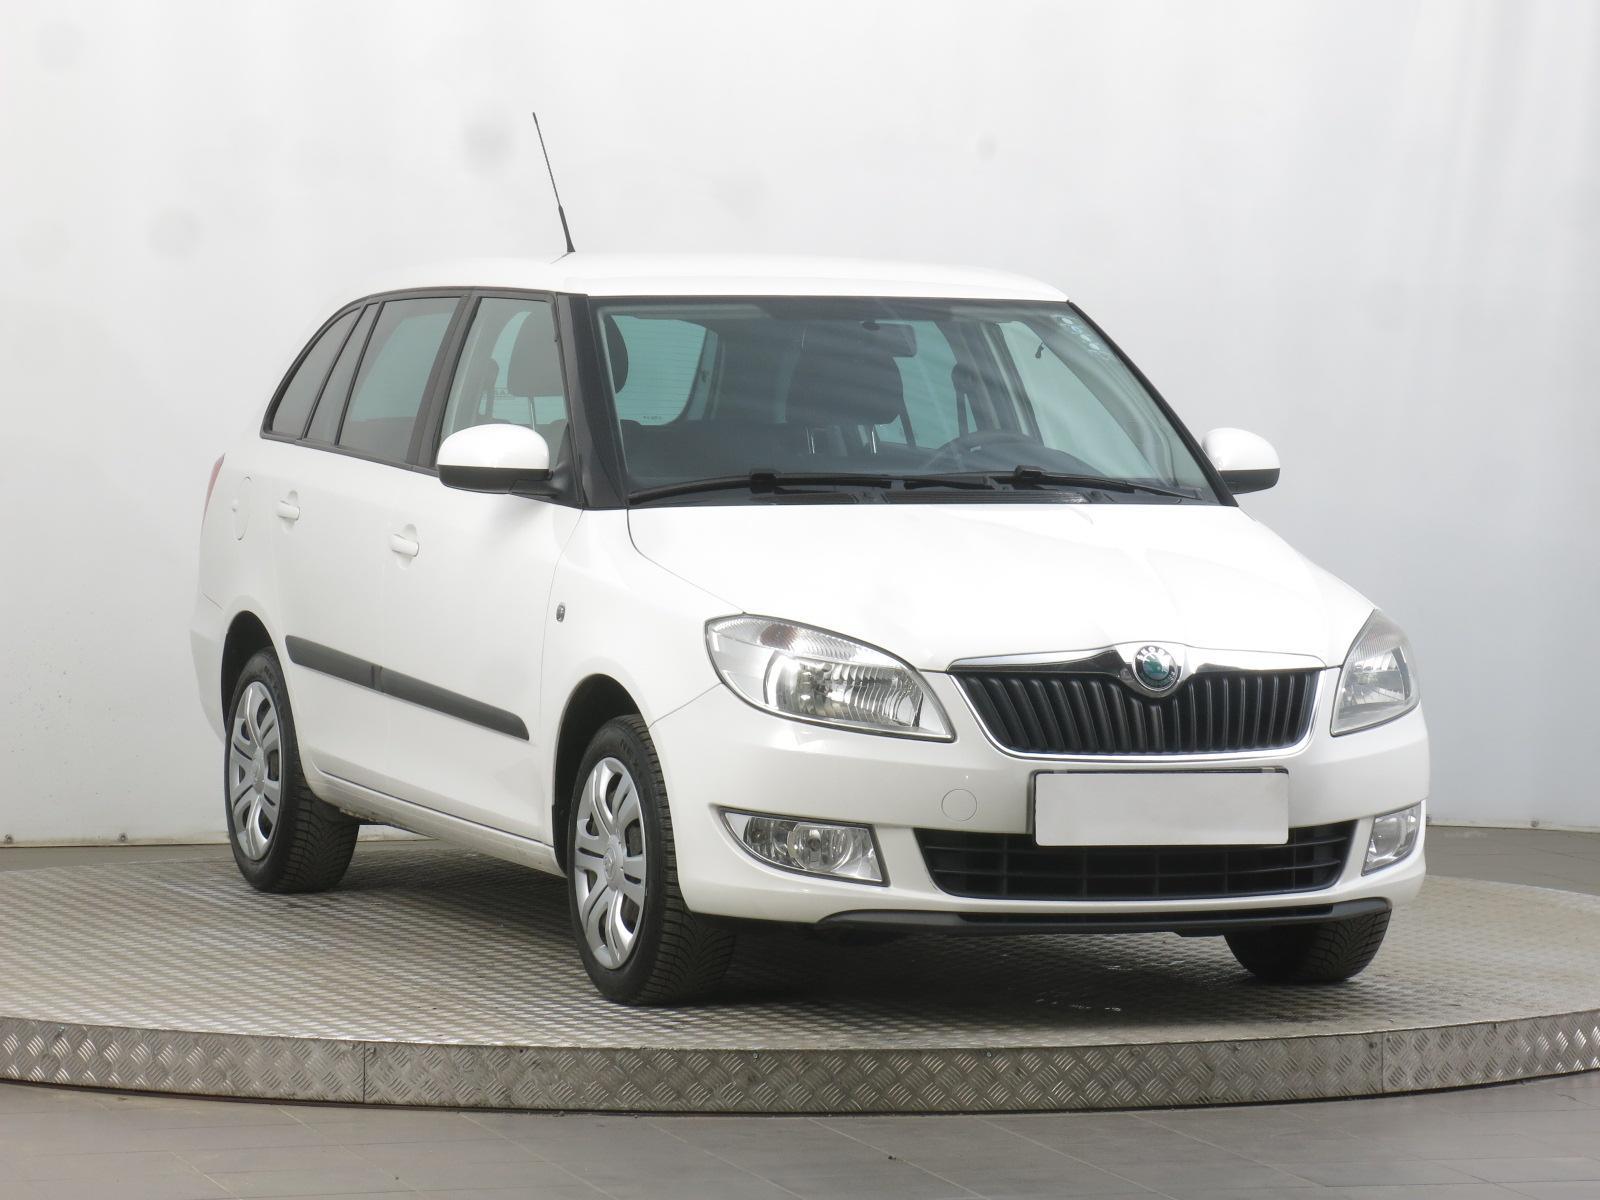 Škoda Fabia 1.2 51kW kombi benzin